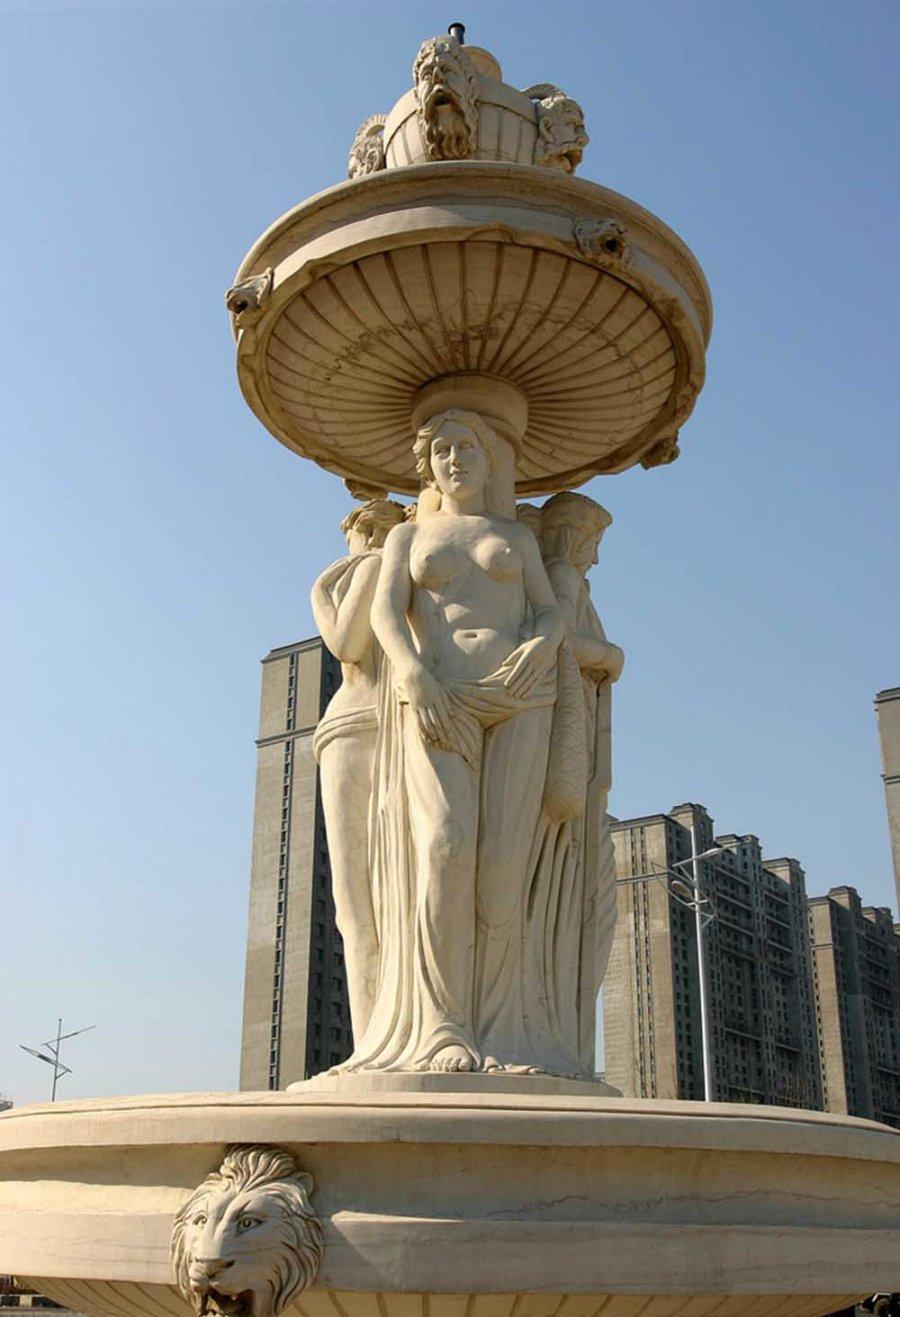 欧式城市雕塑制作公司-金兰草雕塑公司-欧式城市雕塑图片